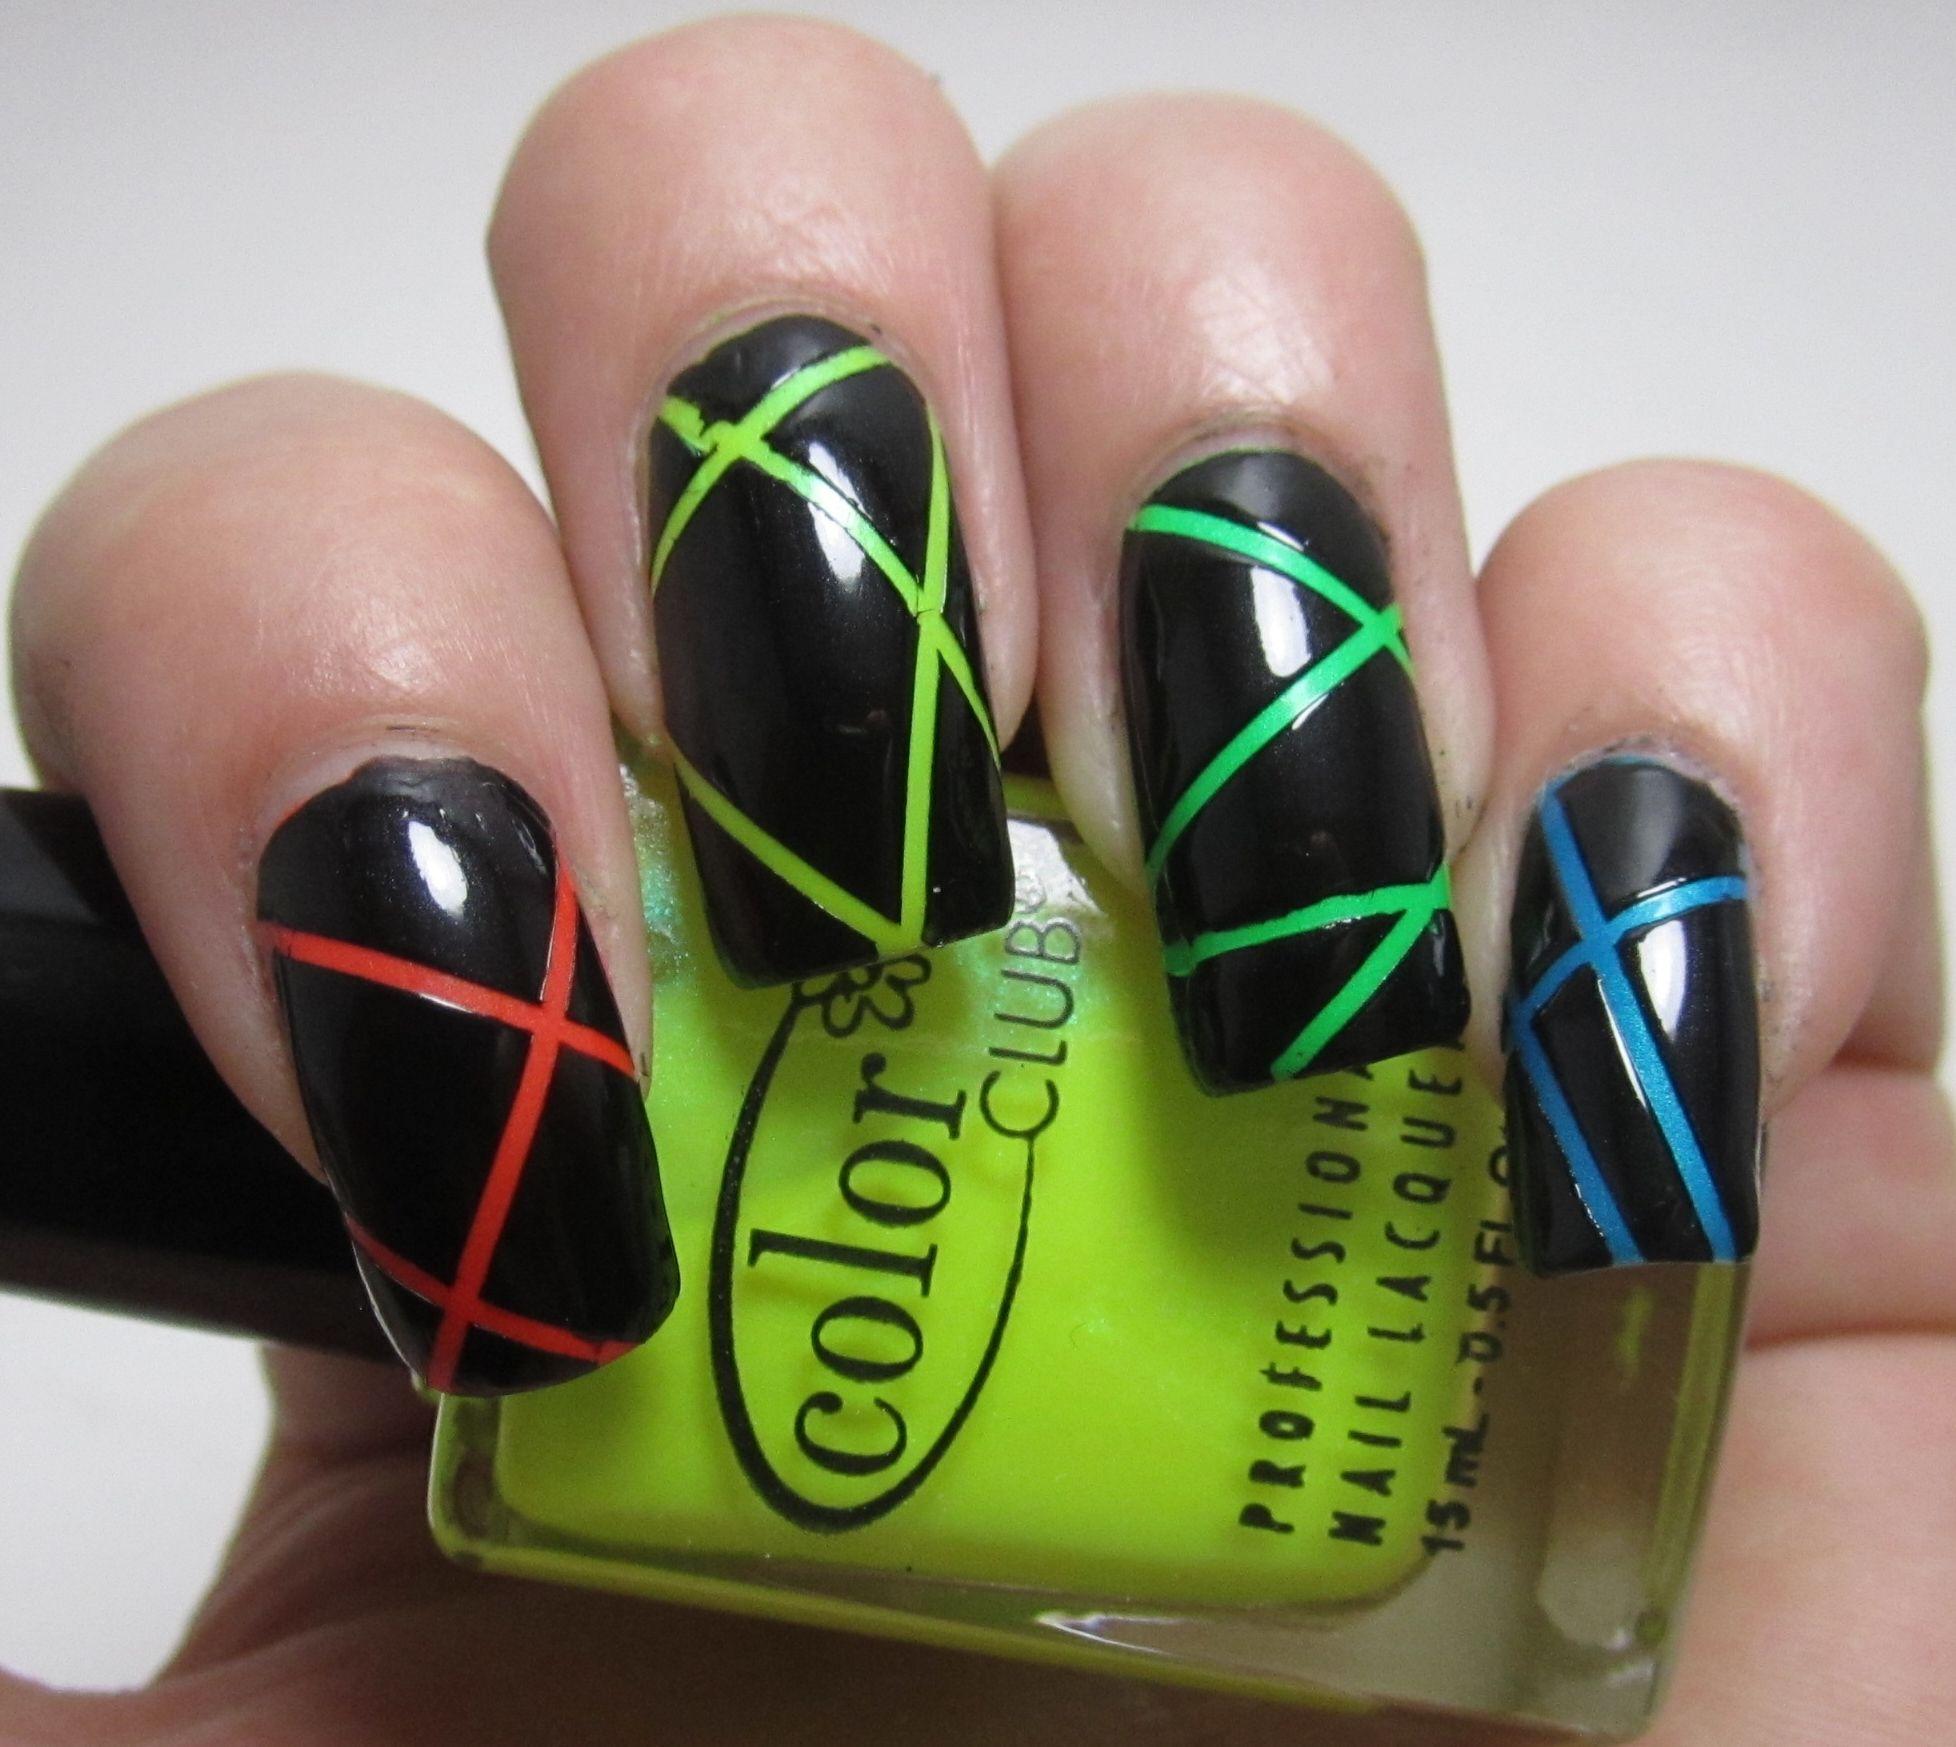 Nail Designs Using Tape: Neon Nail Polish Using Nail Art Tape